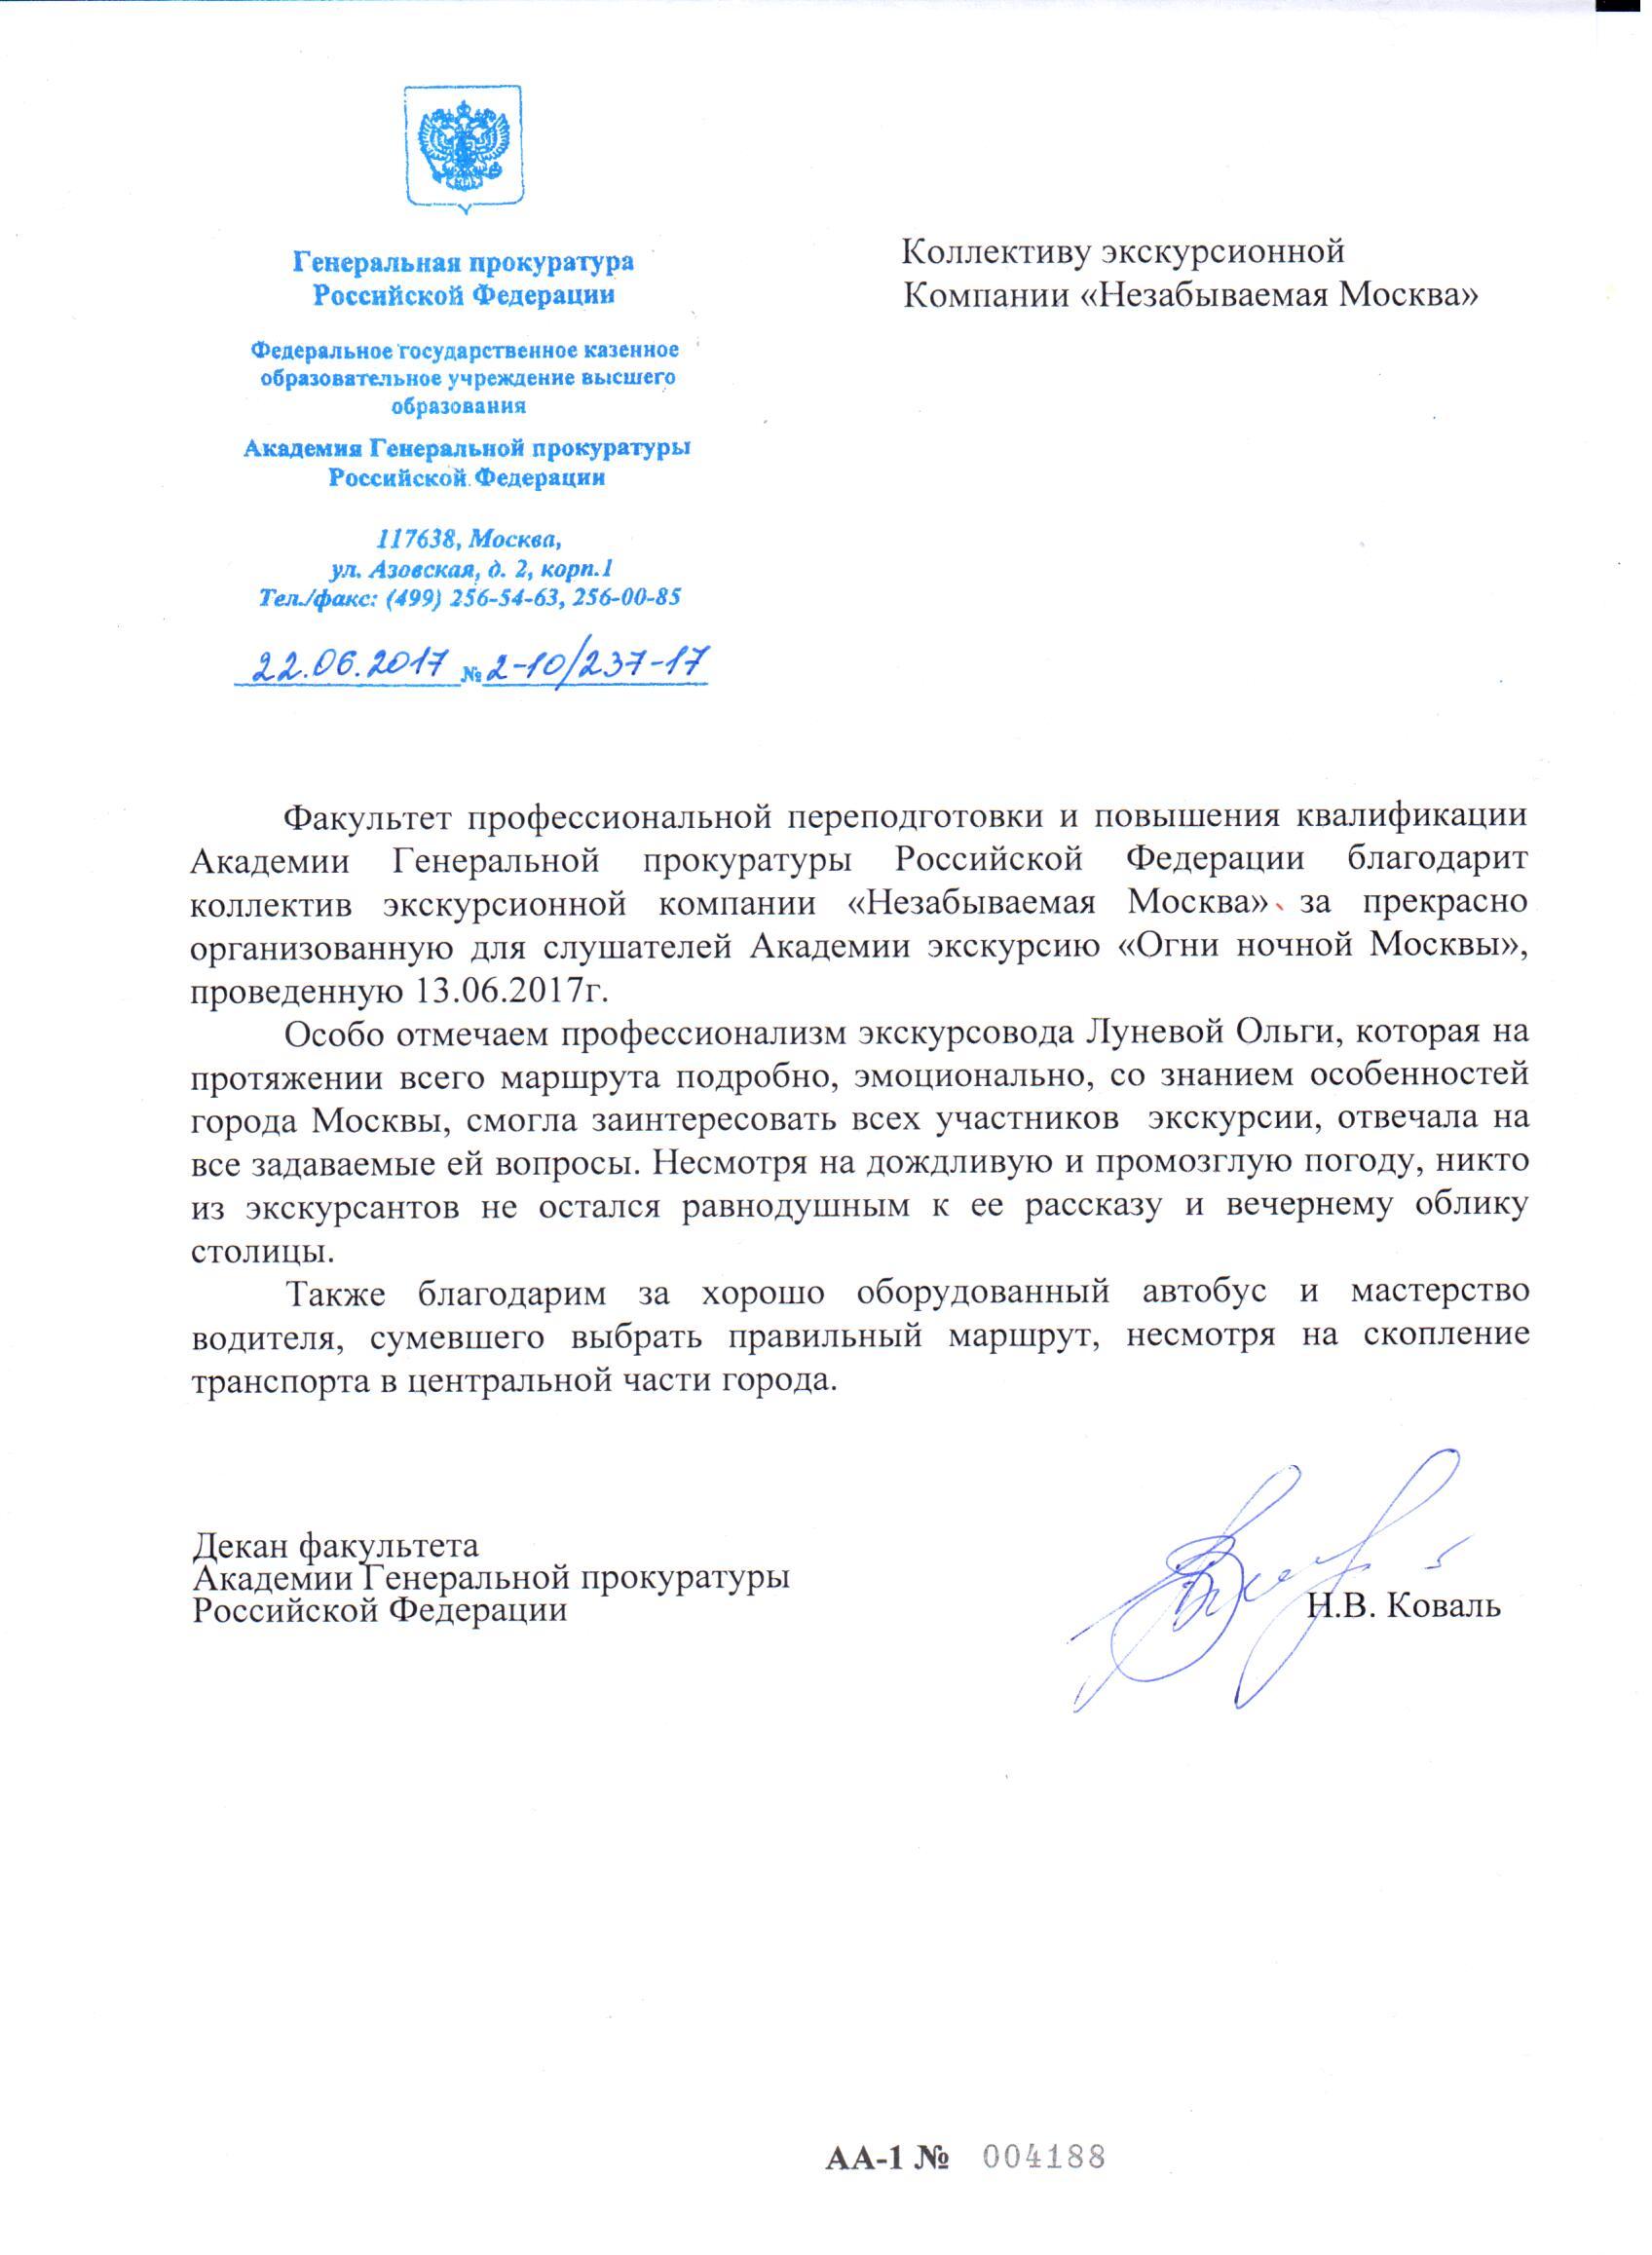 Благодарственное письмо от Генеральной прокуратуры Российской Федерации